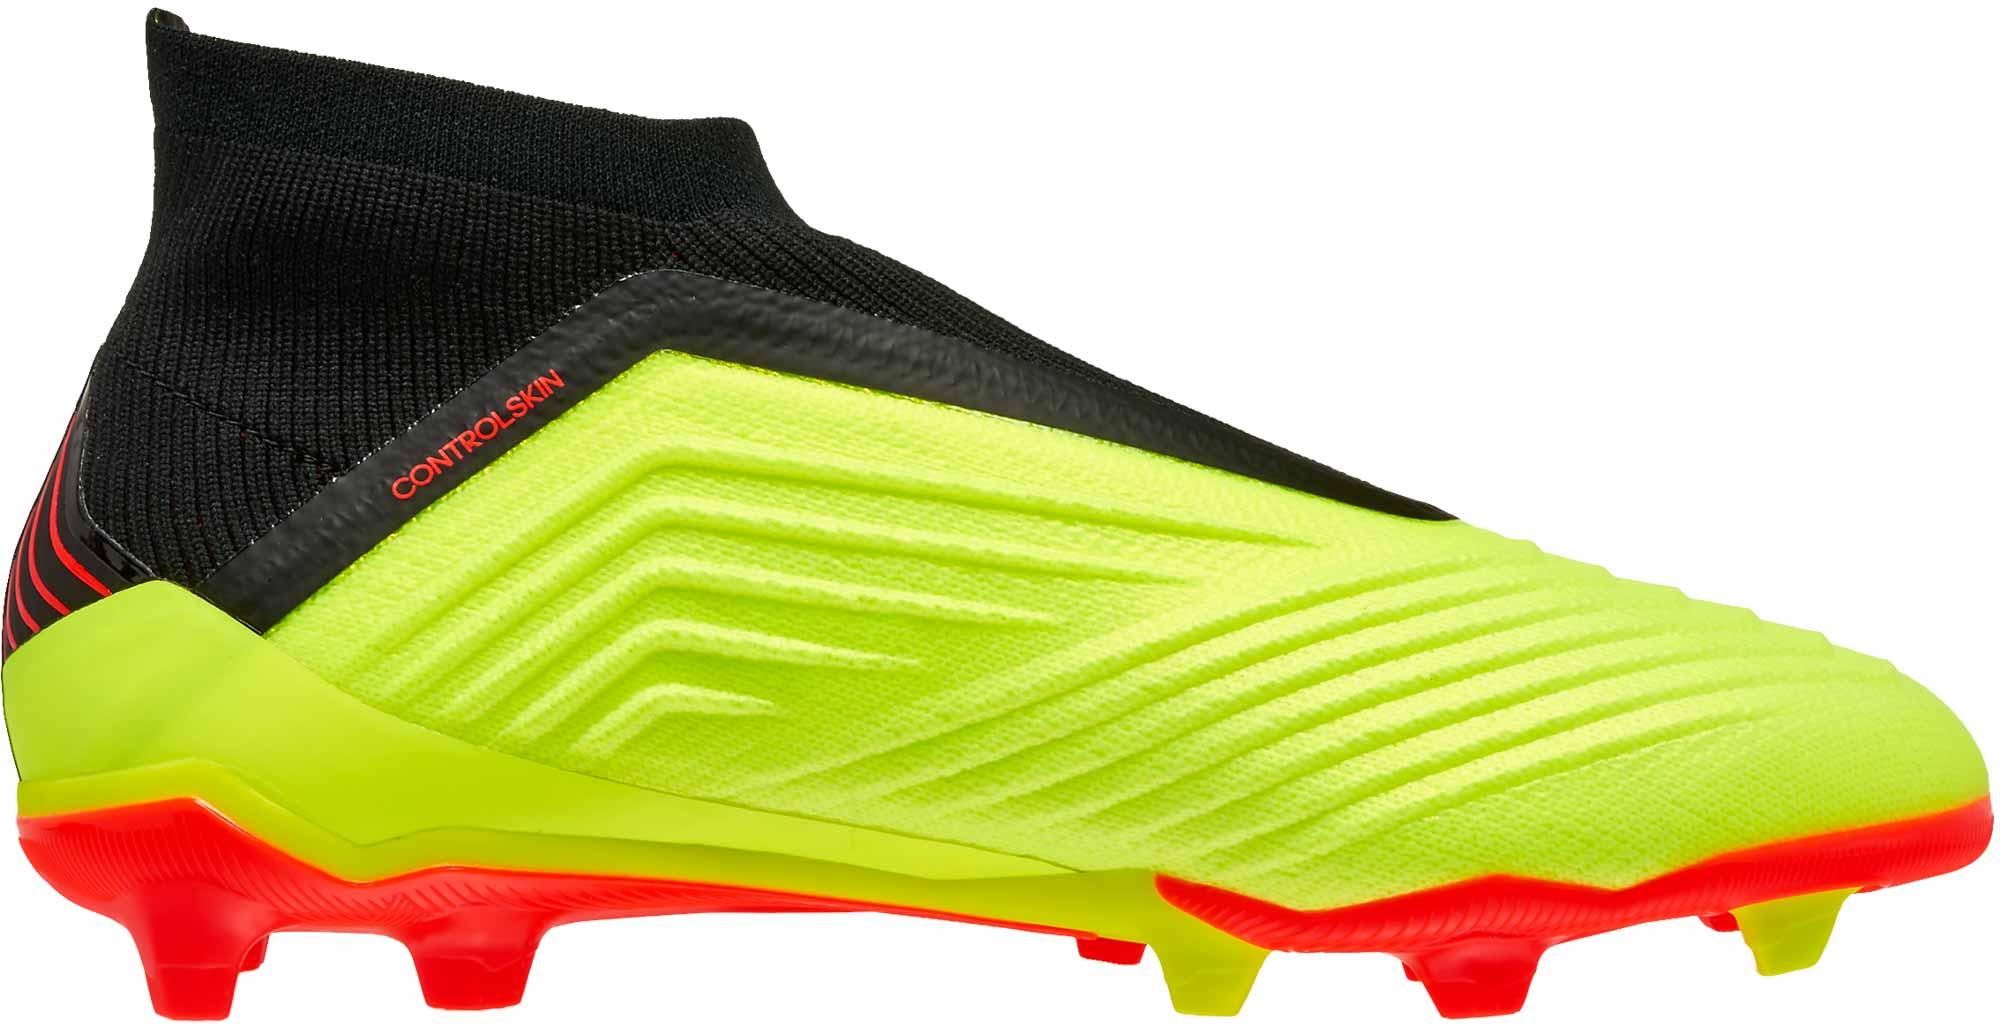 adidas Predator 18+ FG - Youth - Solar Yellow Black Solar Red ... a48a60ee07f4